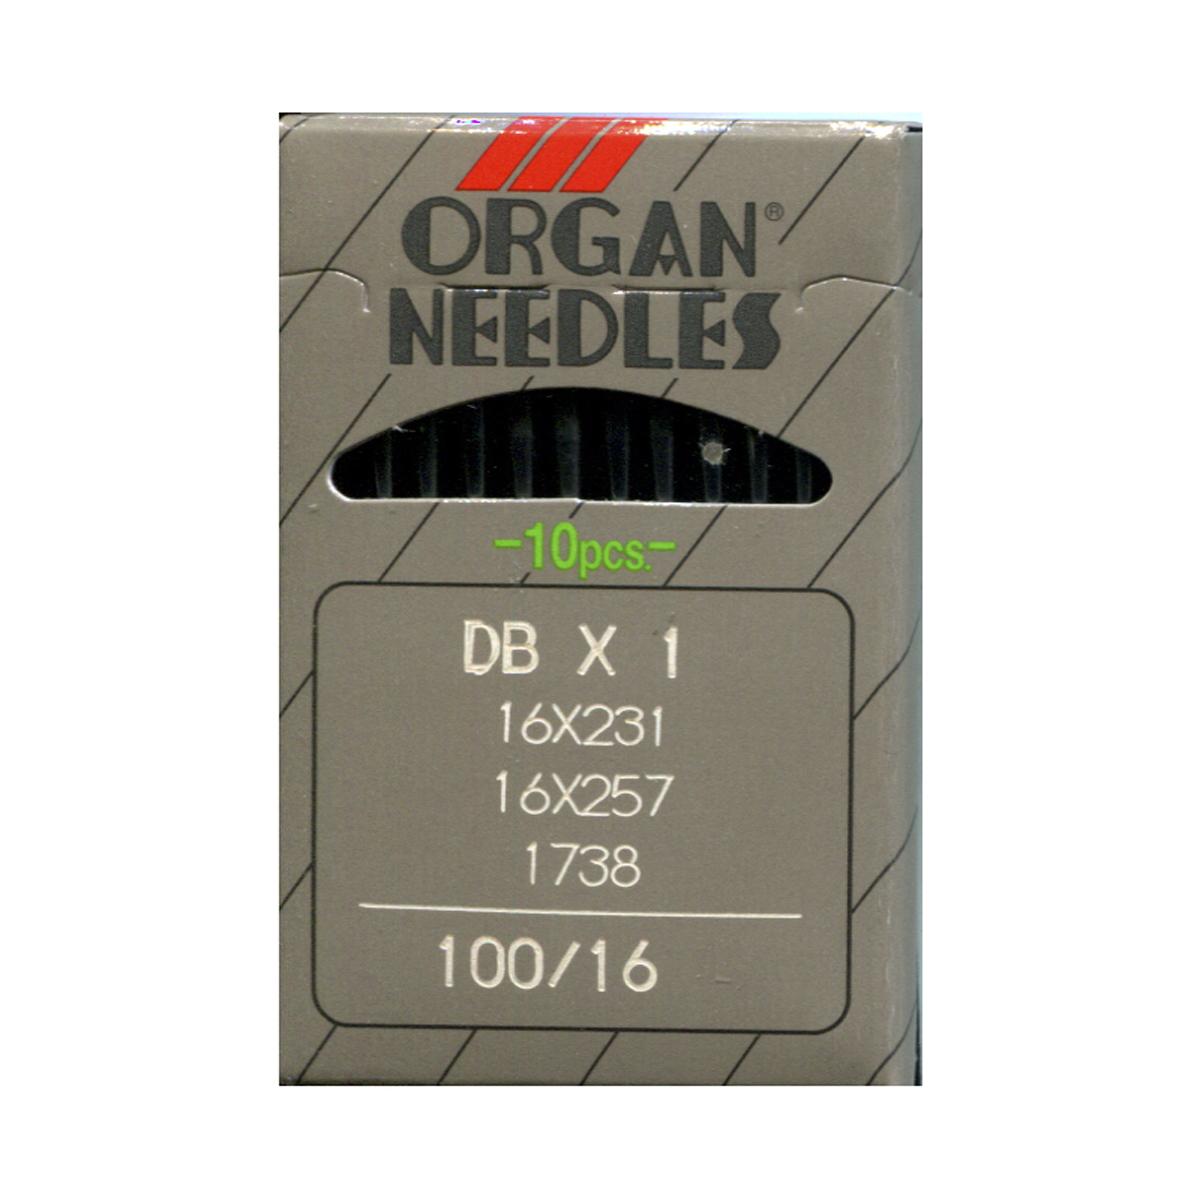 Иглы для промышленных швейных машин Organ, DBx1/100, 10 шт162280Иглы для промышленных швейных машин Organ с маркировкой DBx1 предназначены для прямострочных швейных машин. Иглы используются для пошива всех видов тканей. Острие игл тонкое, стандартное.Предназначены для машин цепного стежка 10Б, 53, 810 классов и импортных аналогов. В промышленных машинах используются иглы с круглыми колбами, в отличие от игл бытовых машин, у которых колбы плоские. Круглая колба позволяет при наладке машины и установке иглы поворачивать (вращать) иглу, закрепляя ее в нужном положении. Диаметр колбы: 1,64 мм. Длина иглы: 33,9 мм. Номер игл: 100.